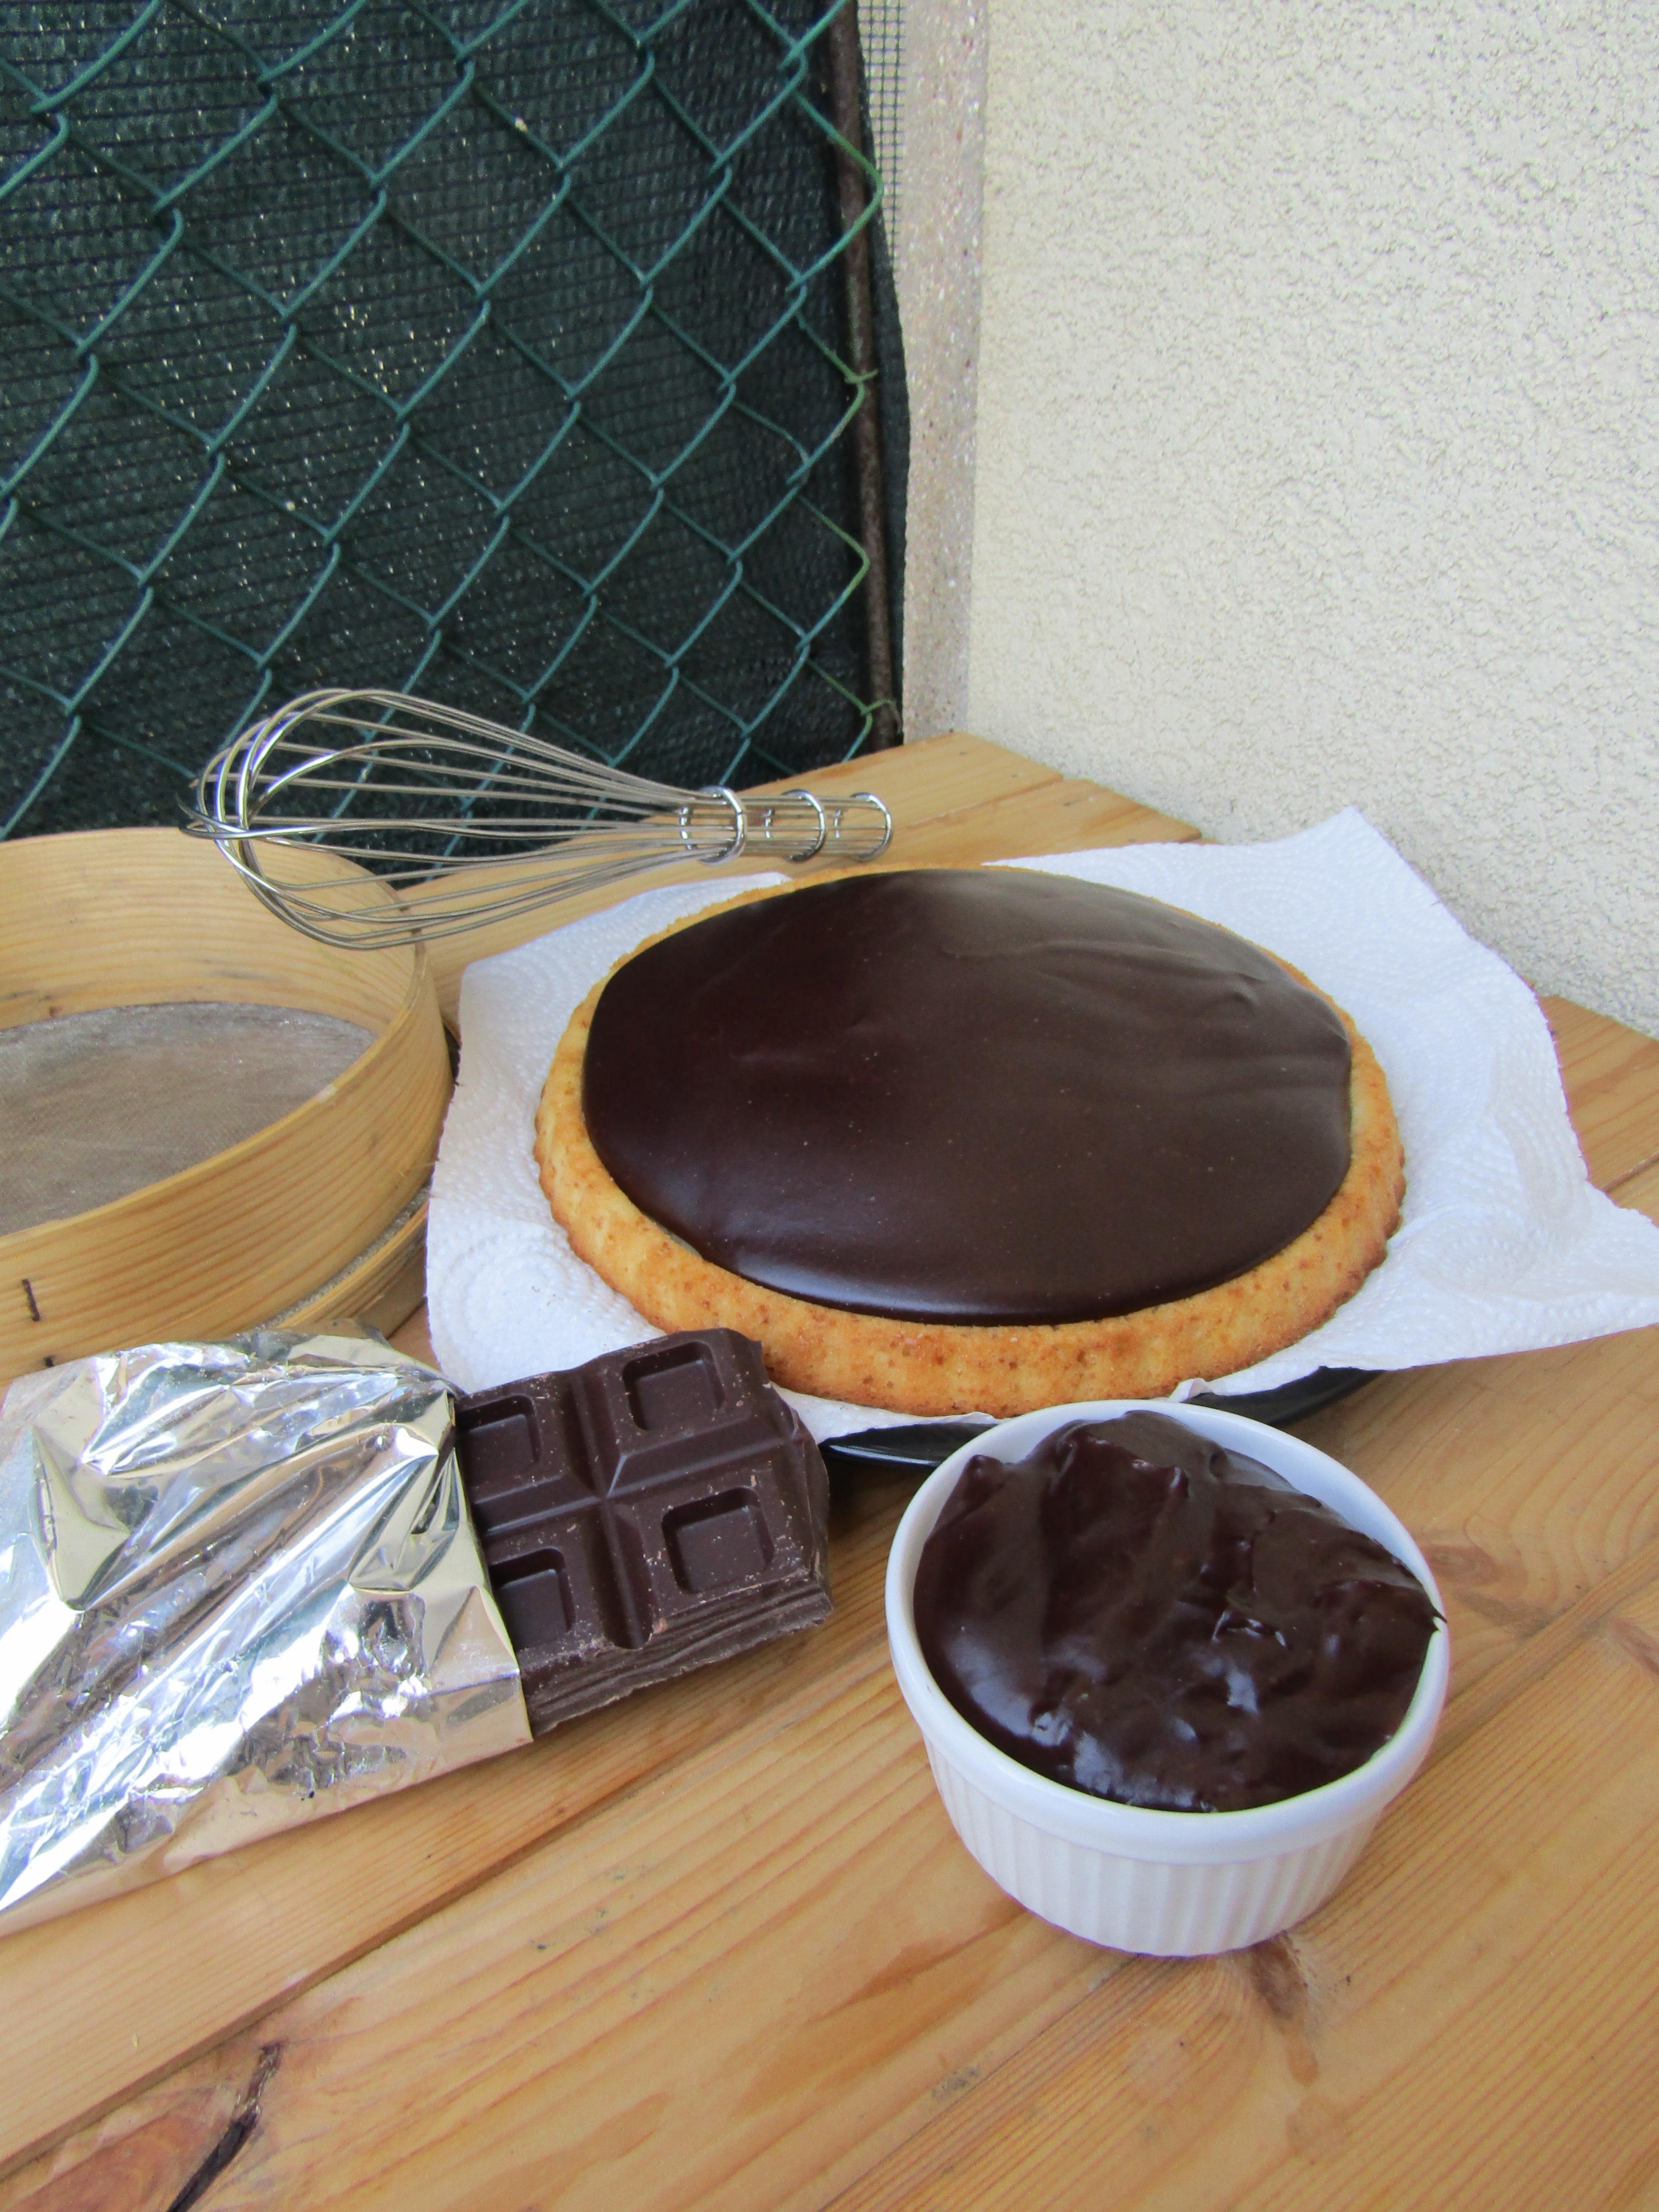 Torta con Stampo Furbo con Crema pasticcera al cioccolato.